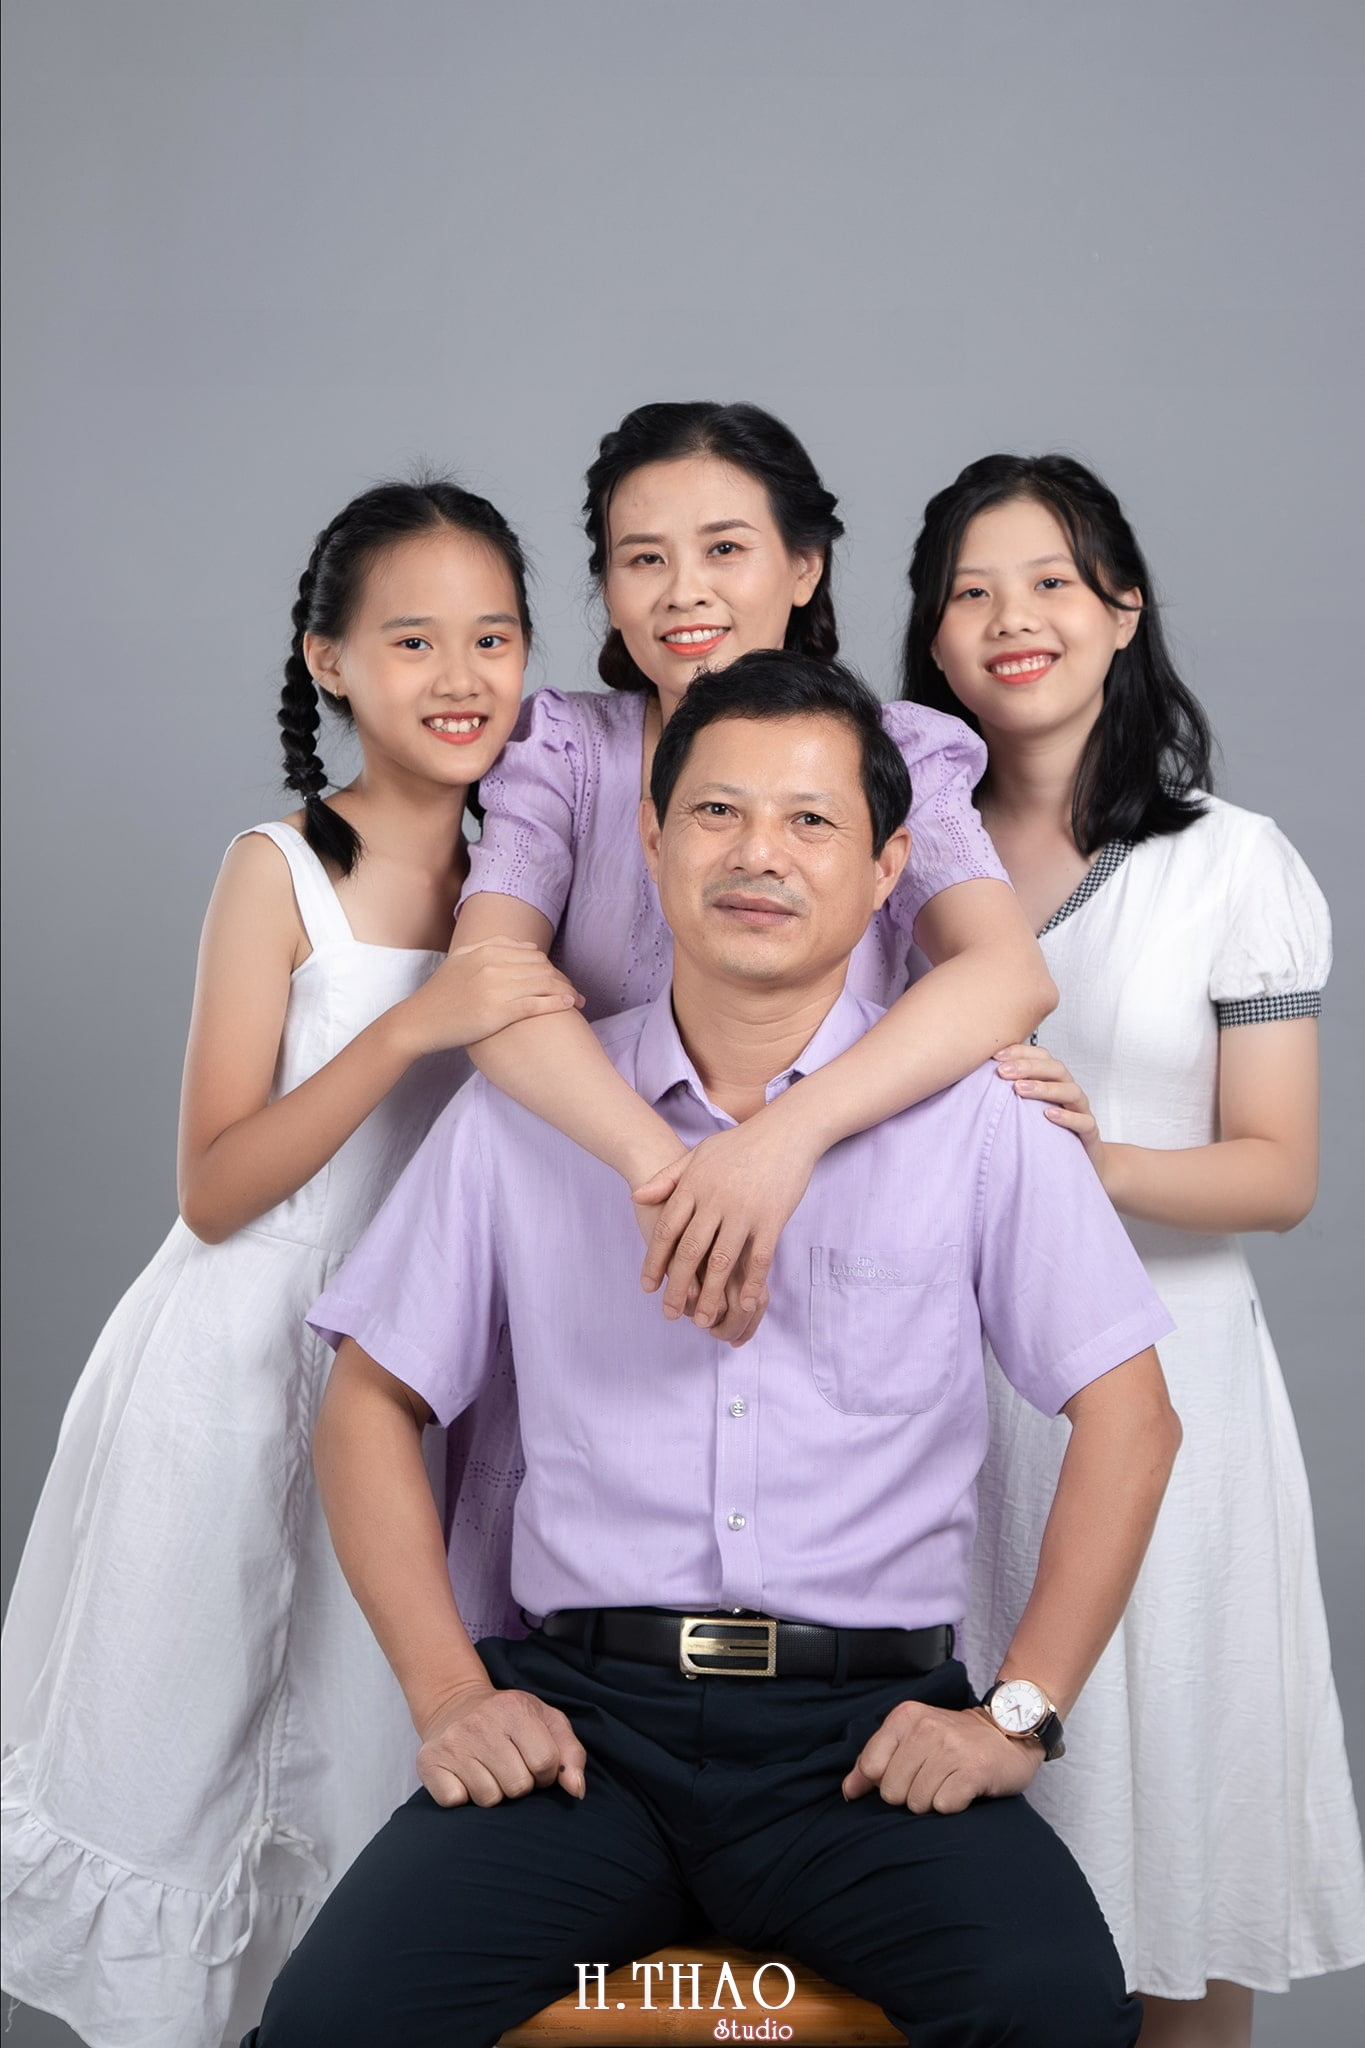 Anh Chuong Family 02 min - Studio chuyên chụp ảnh gia đình đẹp ở Tp.HCM- HThao Studio